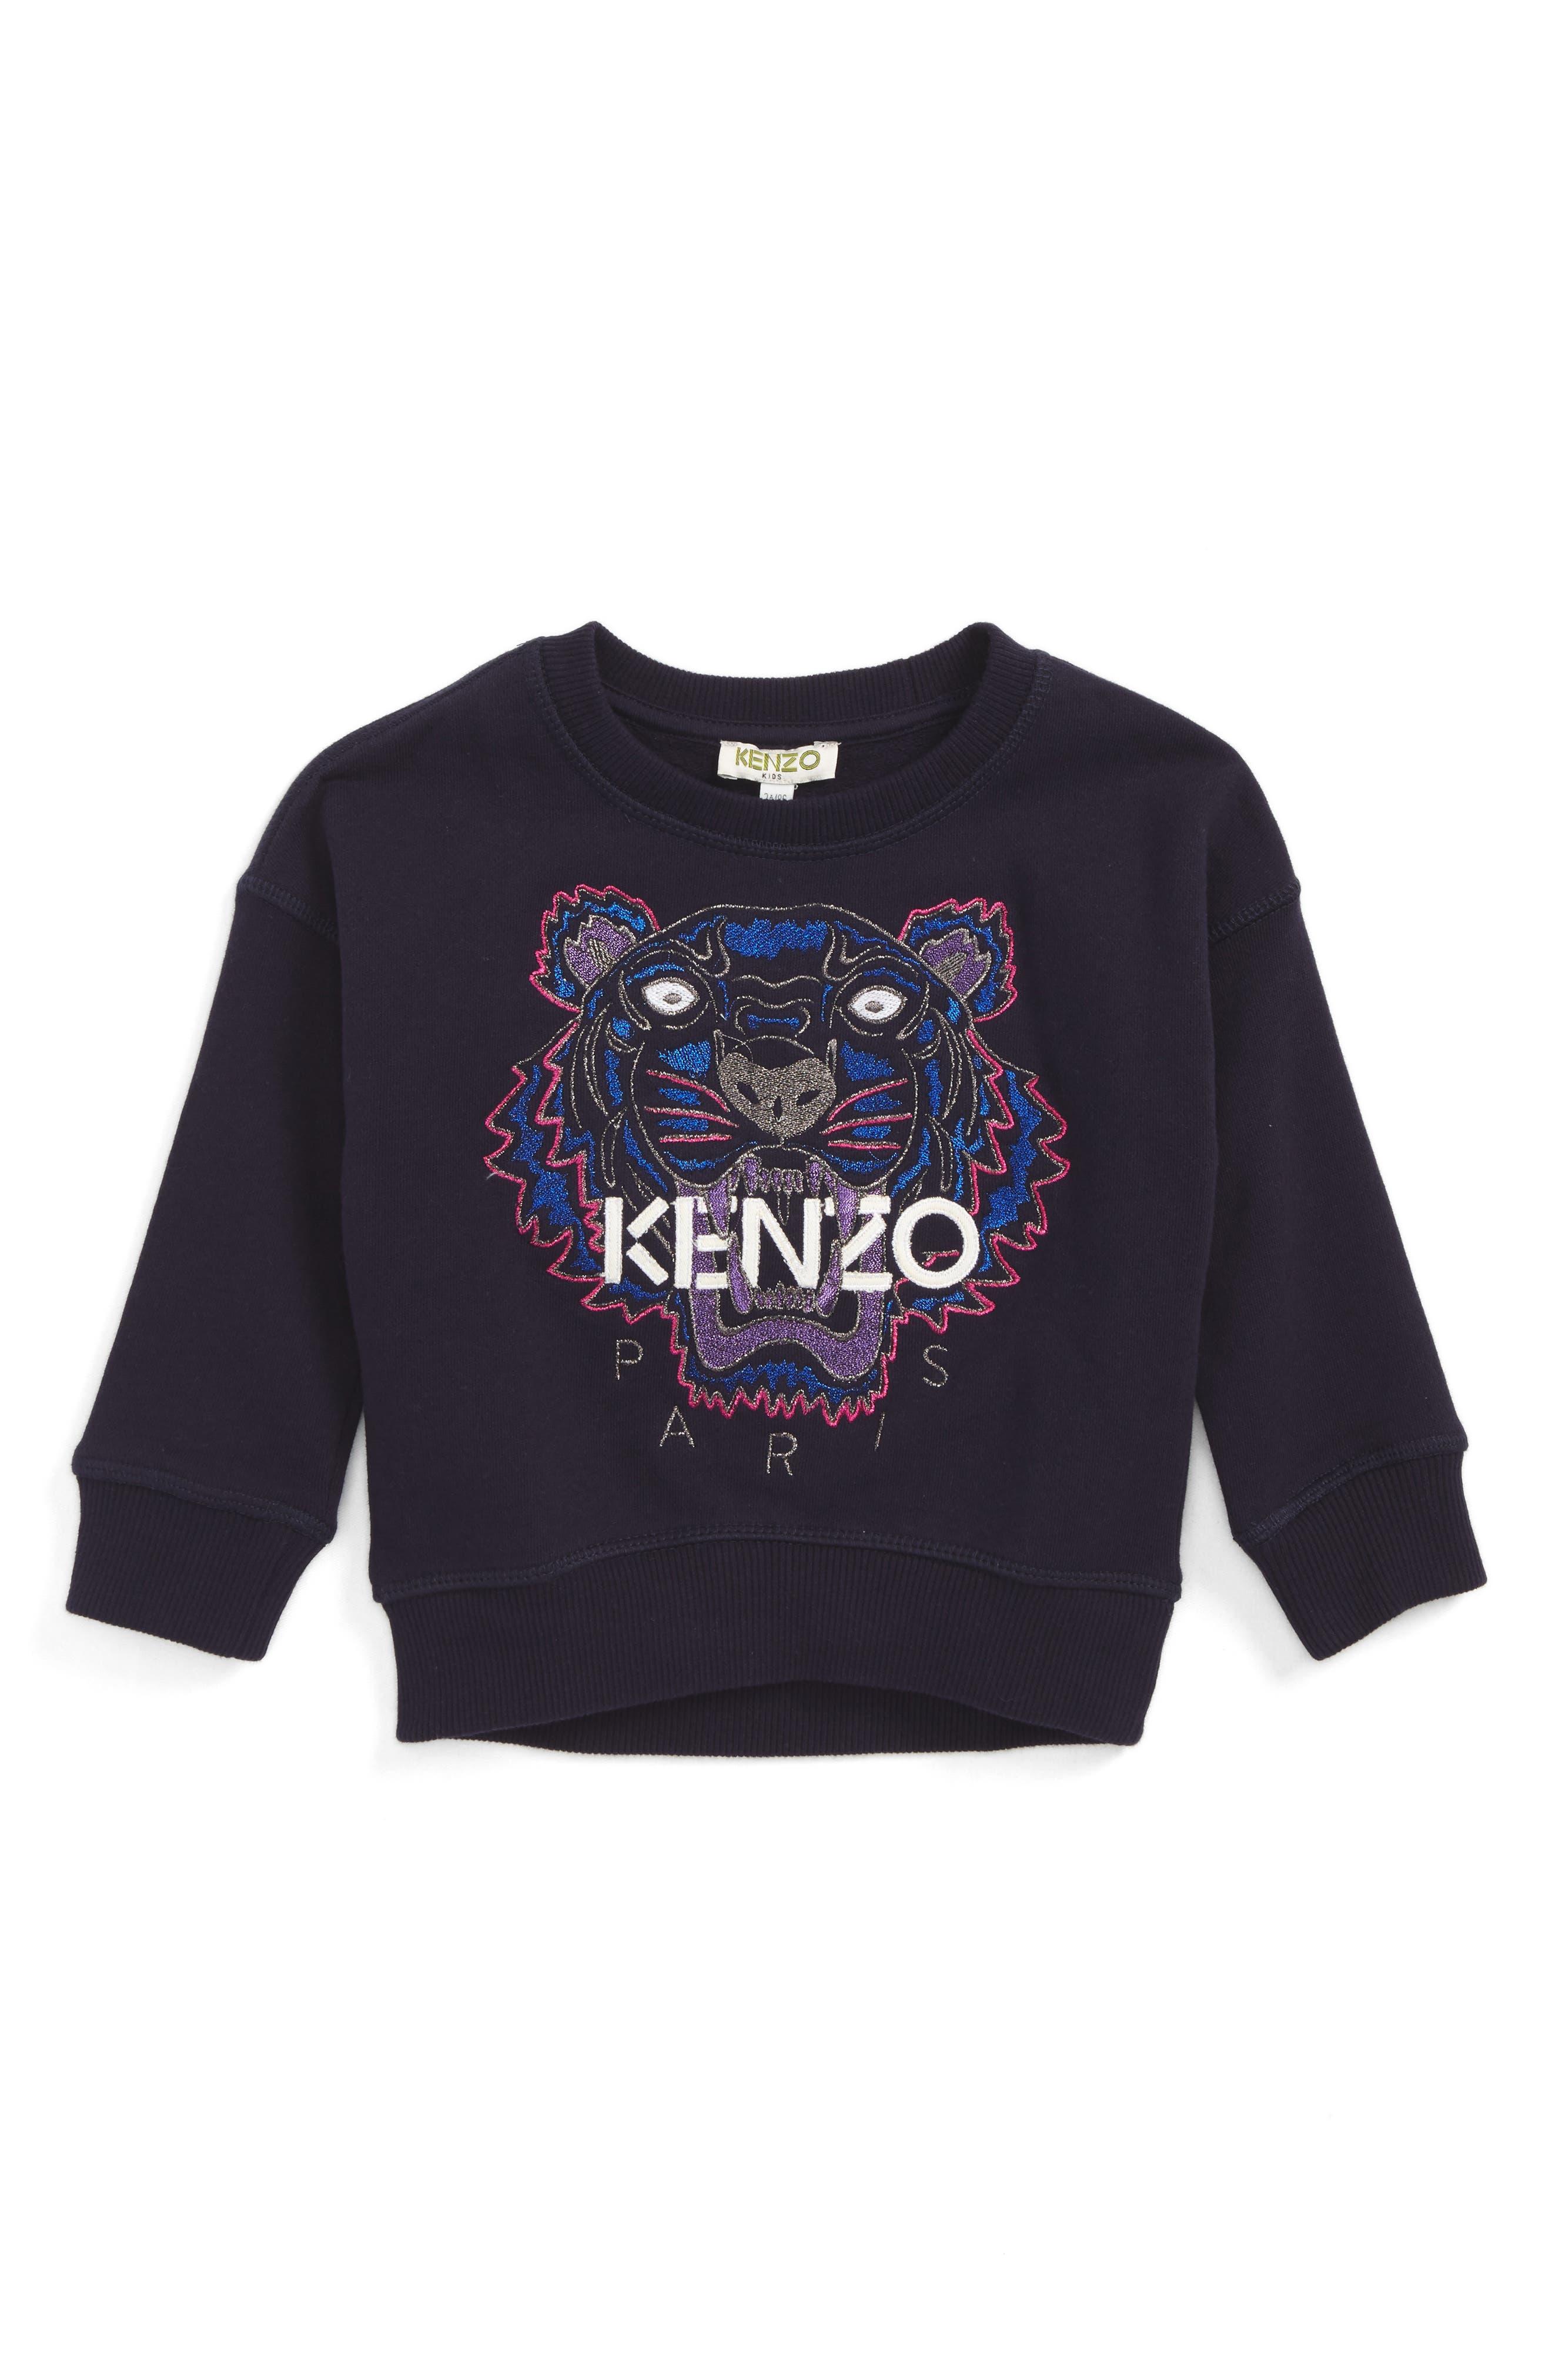 Main Image - KENZO Embroidered Tiger Logo Sweatshirt (Toddler Girls, Little Girls & Big Girls)